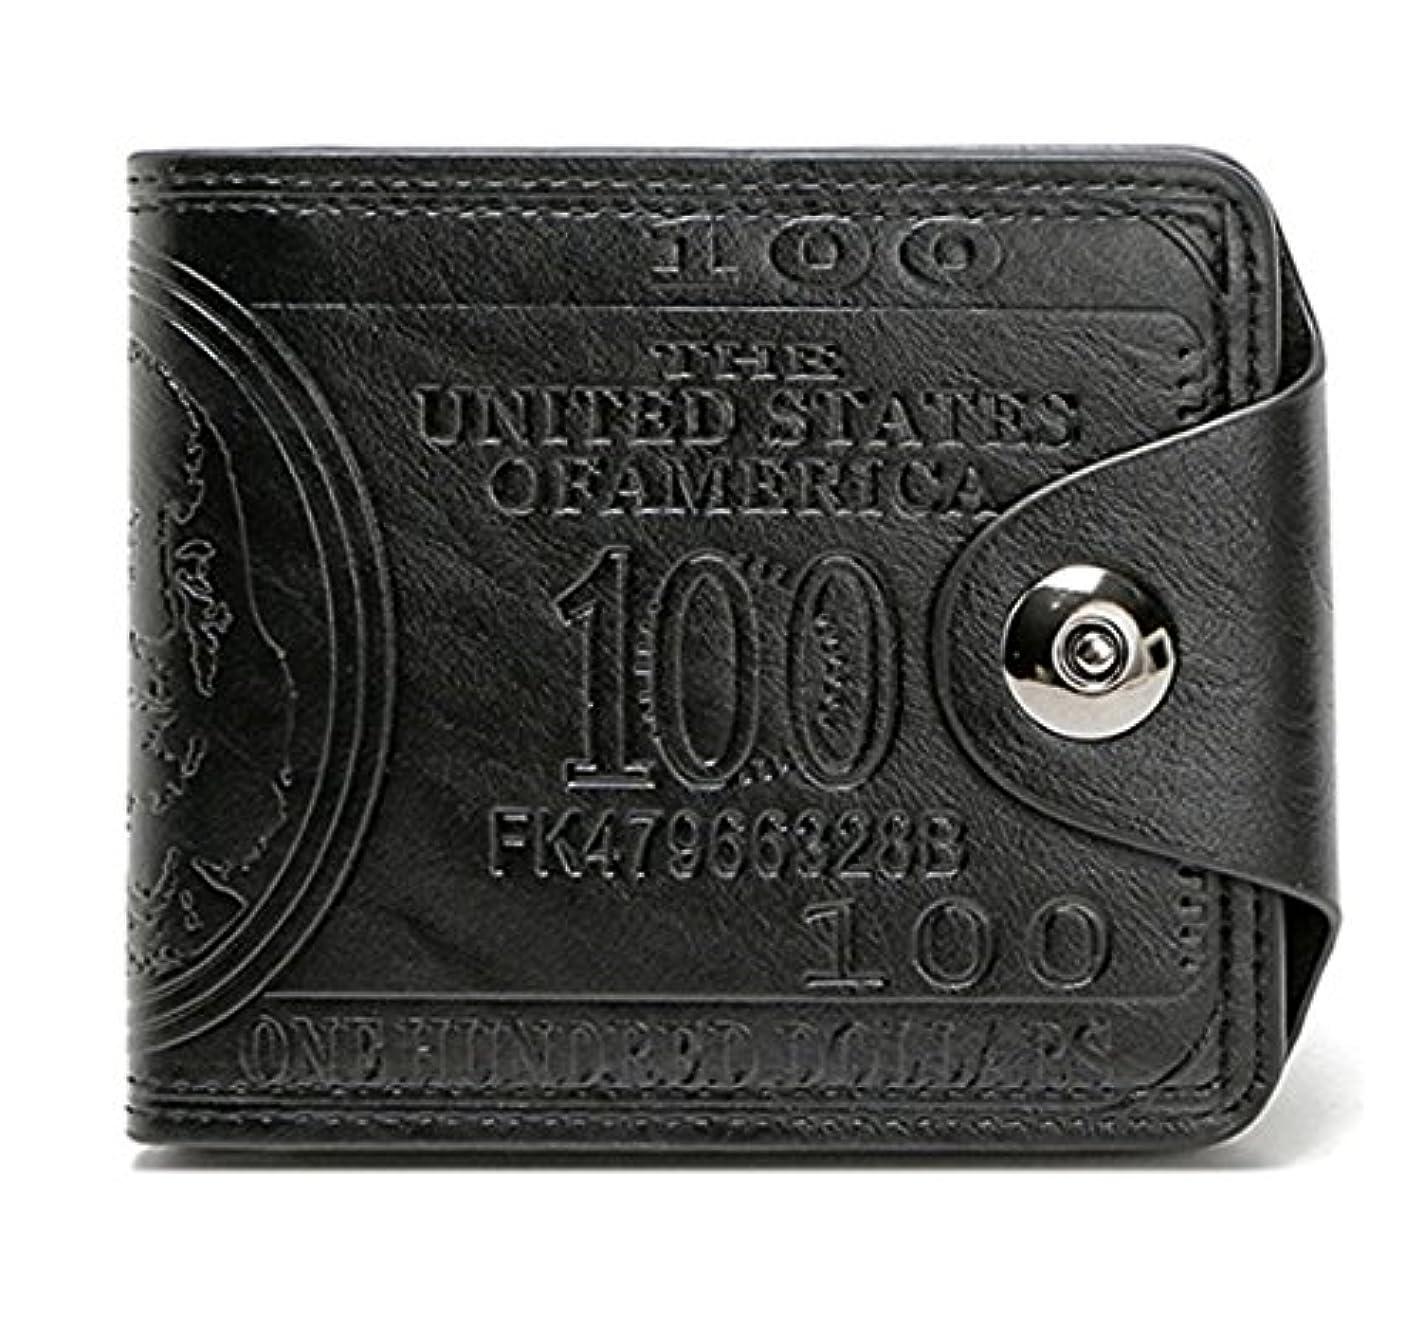 同じ金属涙が出るHeyuni.したメンズ二つ折財布 財布 メンズ ース 小銭入れ 革 コンパクト 仕切り 多機能 人気 大容量 札入れ ボックス型小銭入れ ブラック